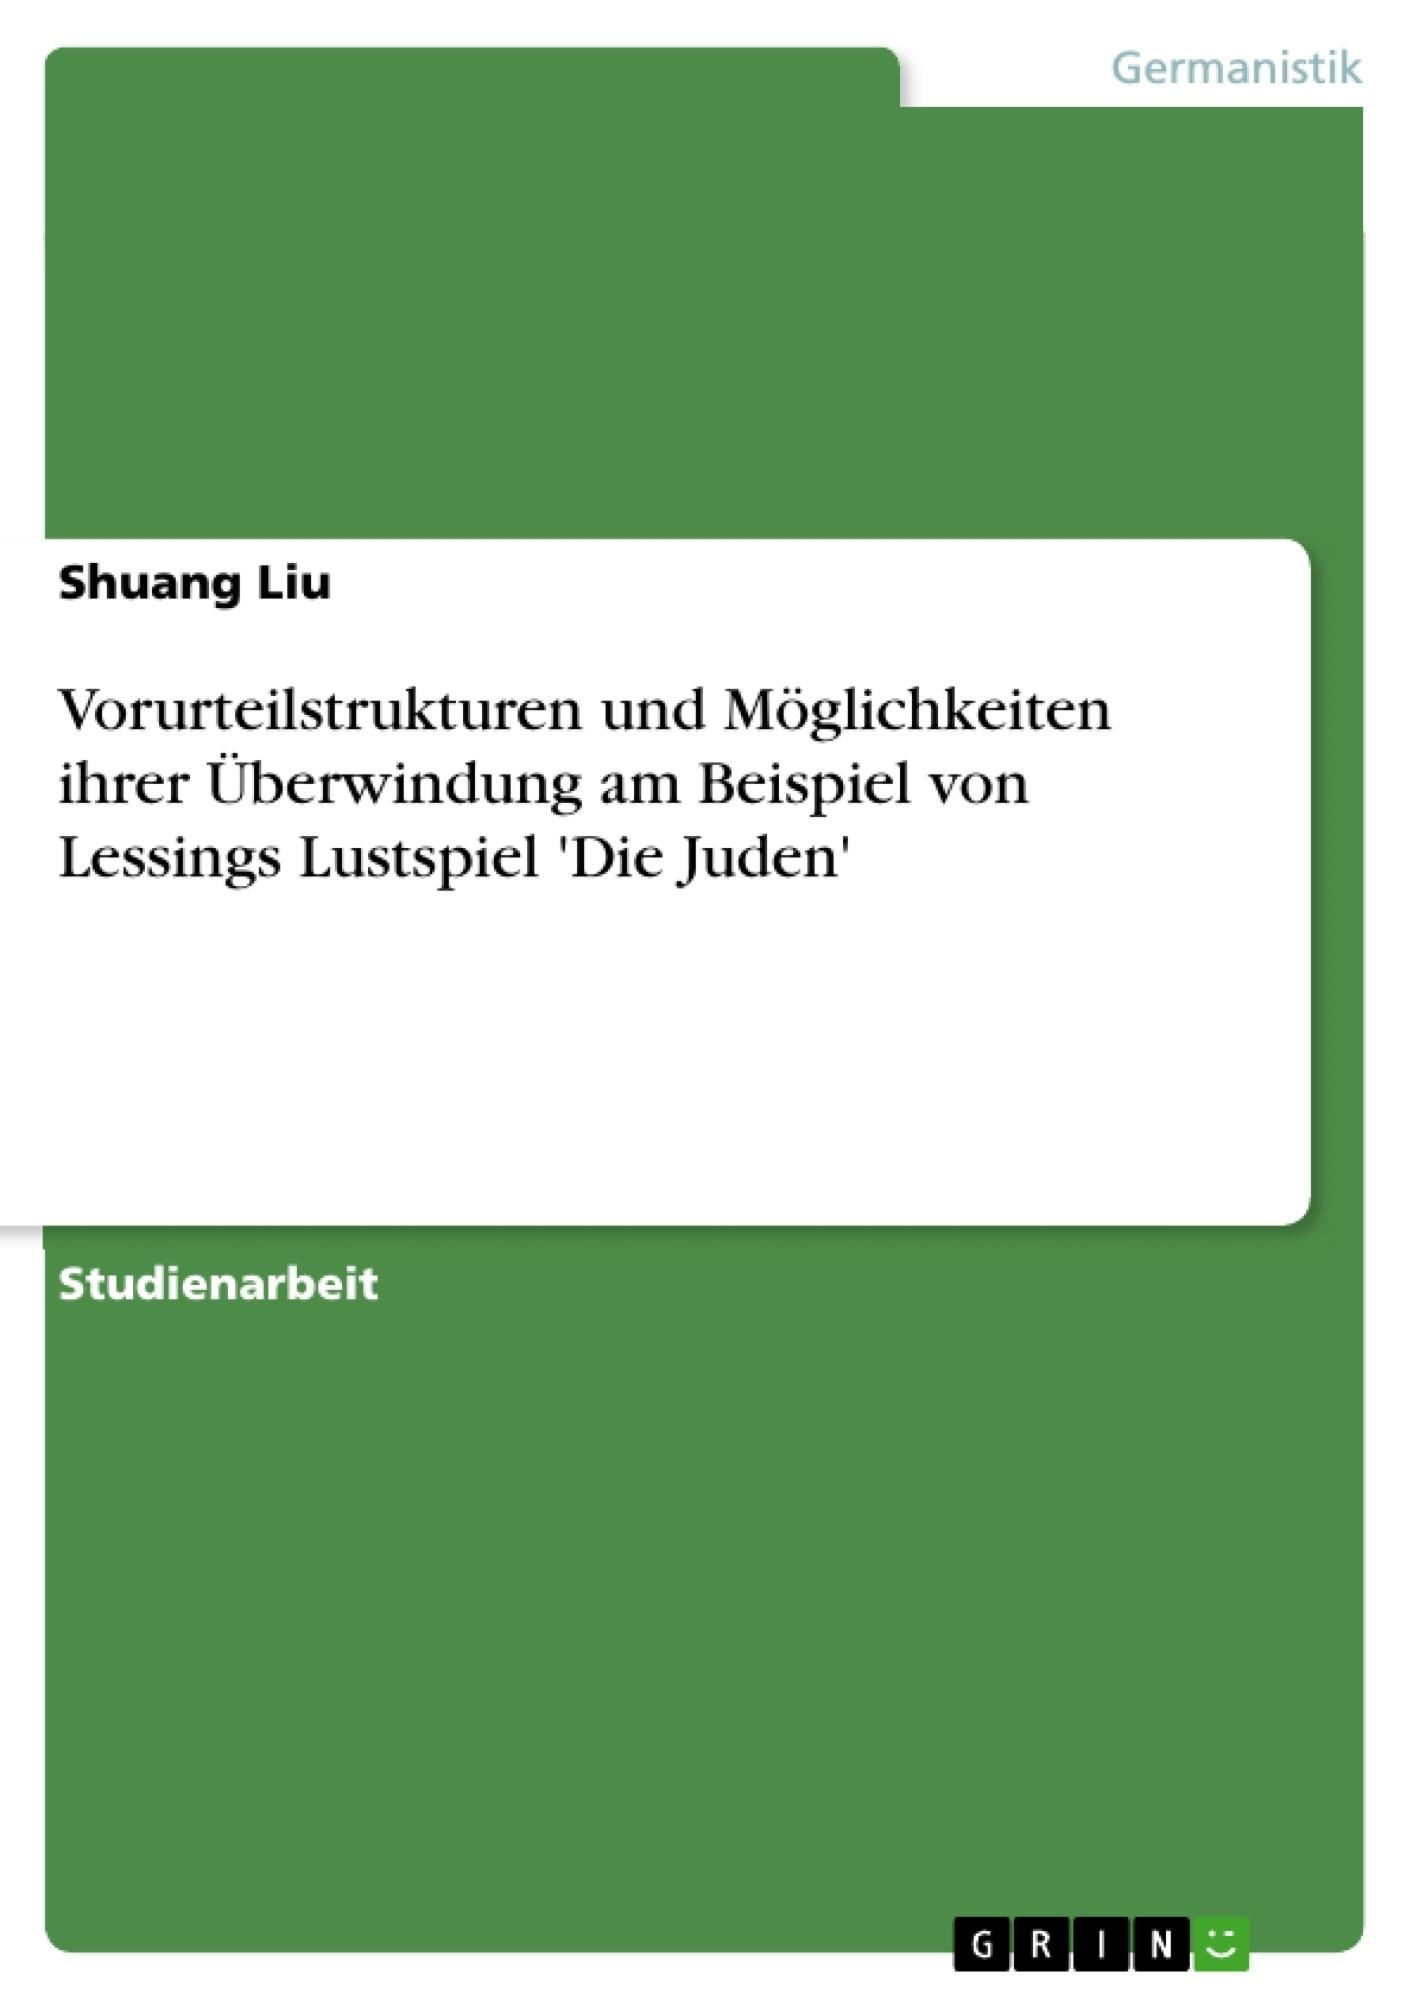 Titel: Vorurteilstrukturen und Möglichkeiten ihrer Überwindung am Beispiel von Lessings Lustspiel 'Die Juden'